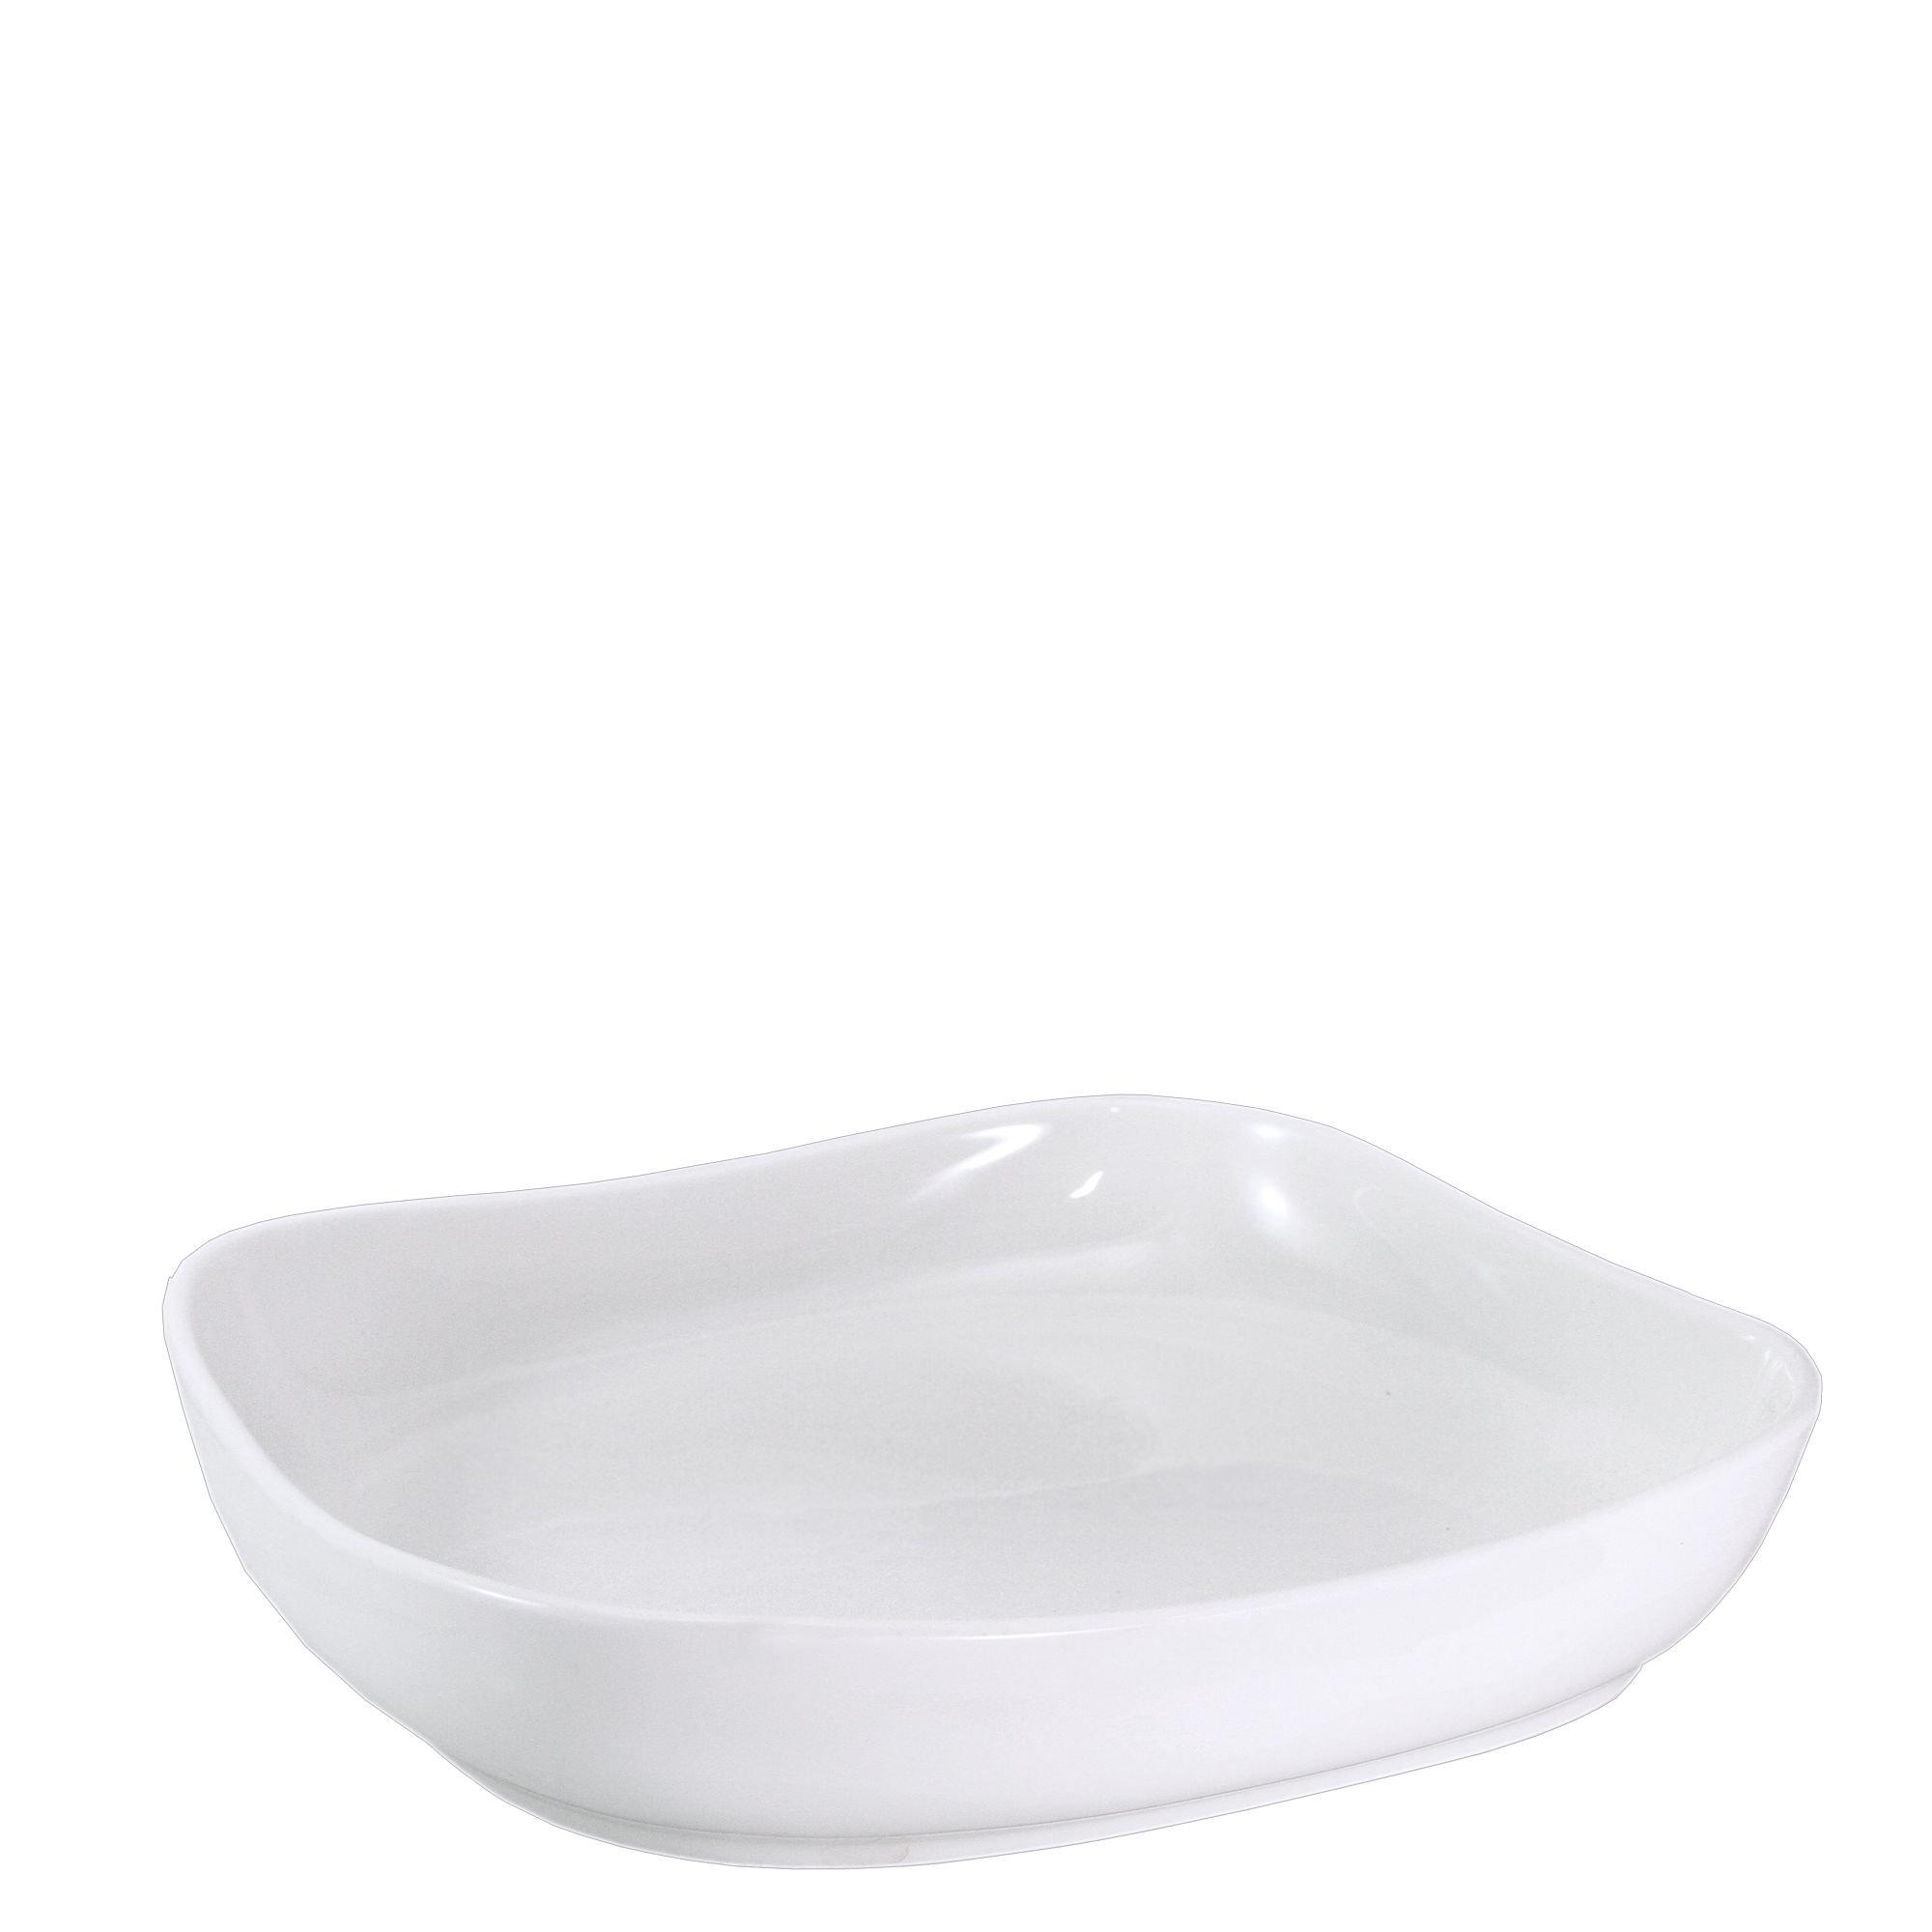 IMPULSE Filo Plate (36 Pack), White by Impulse